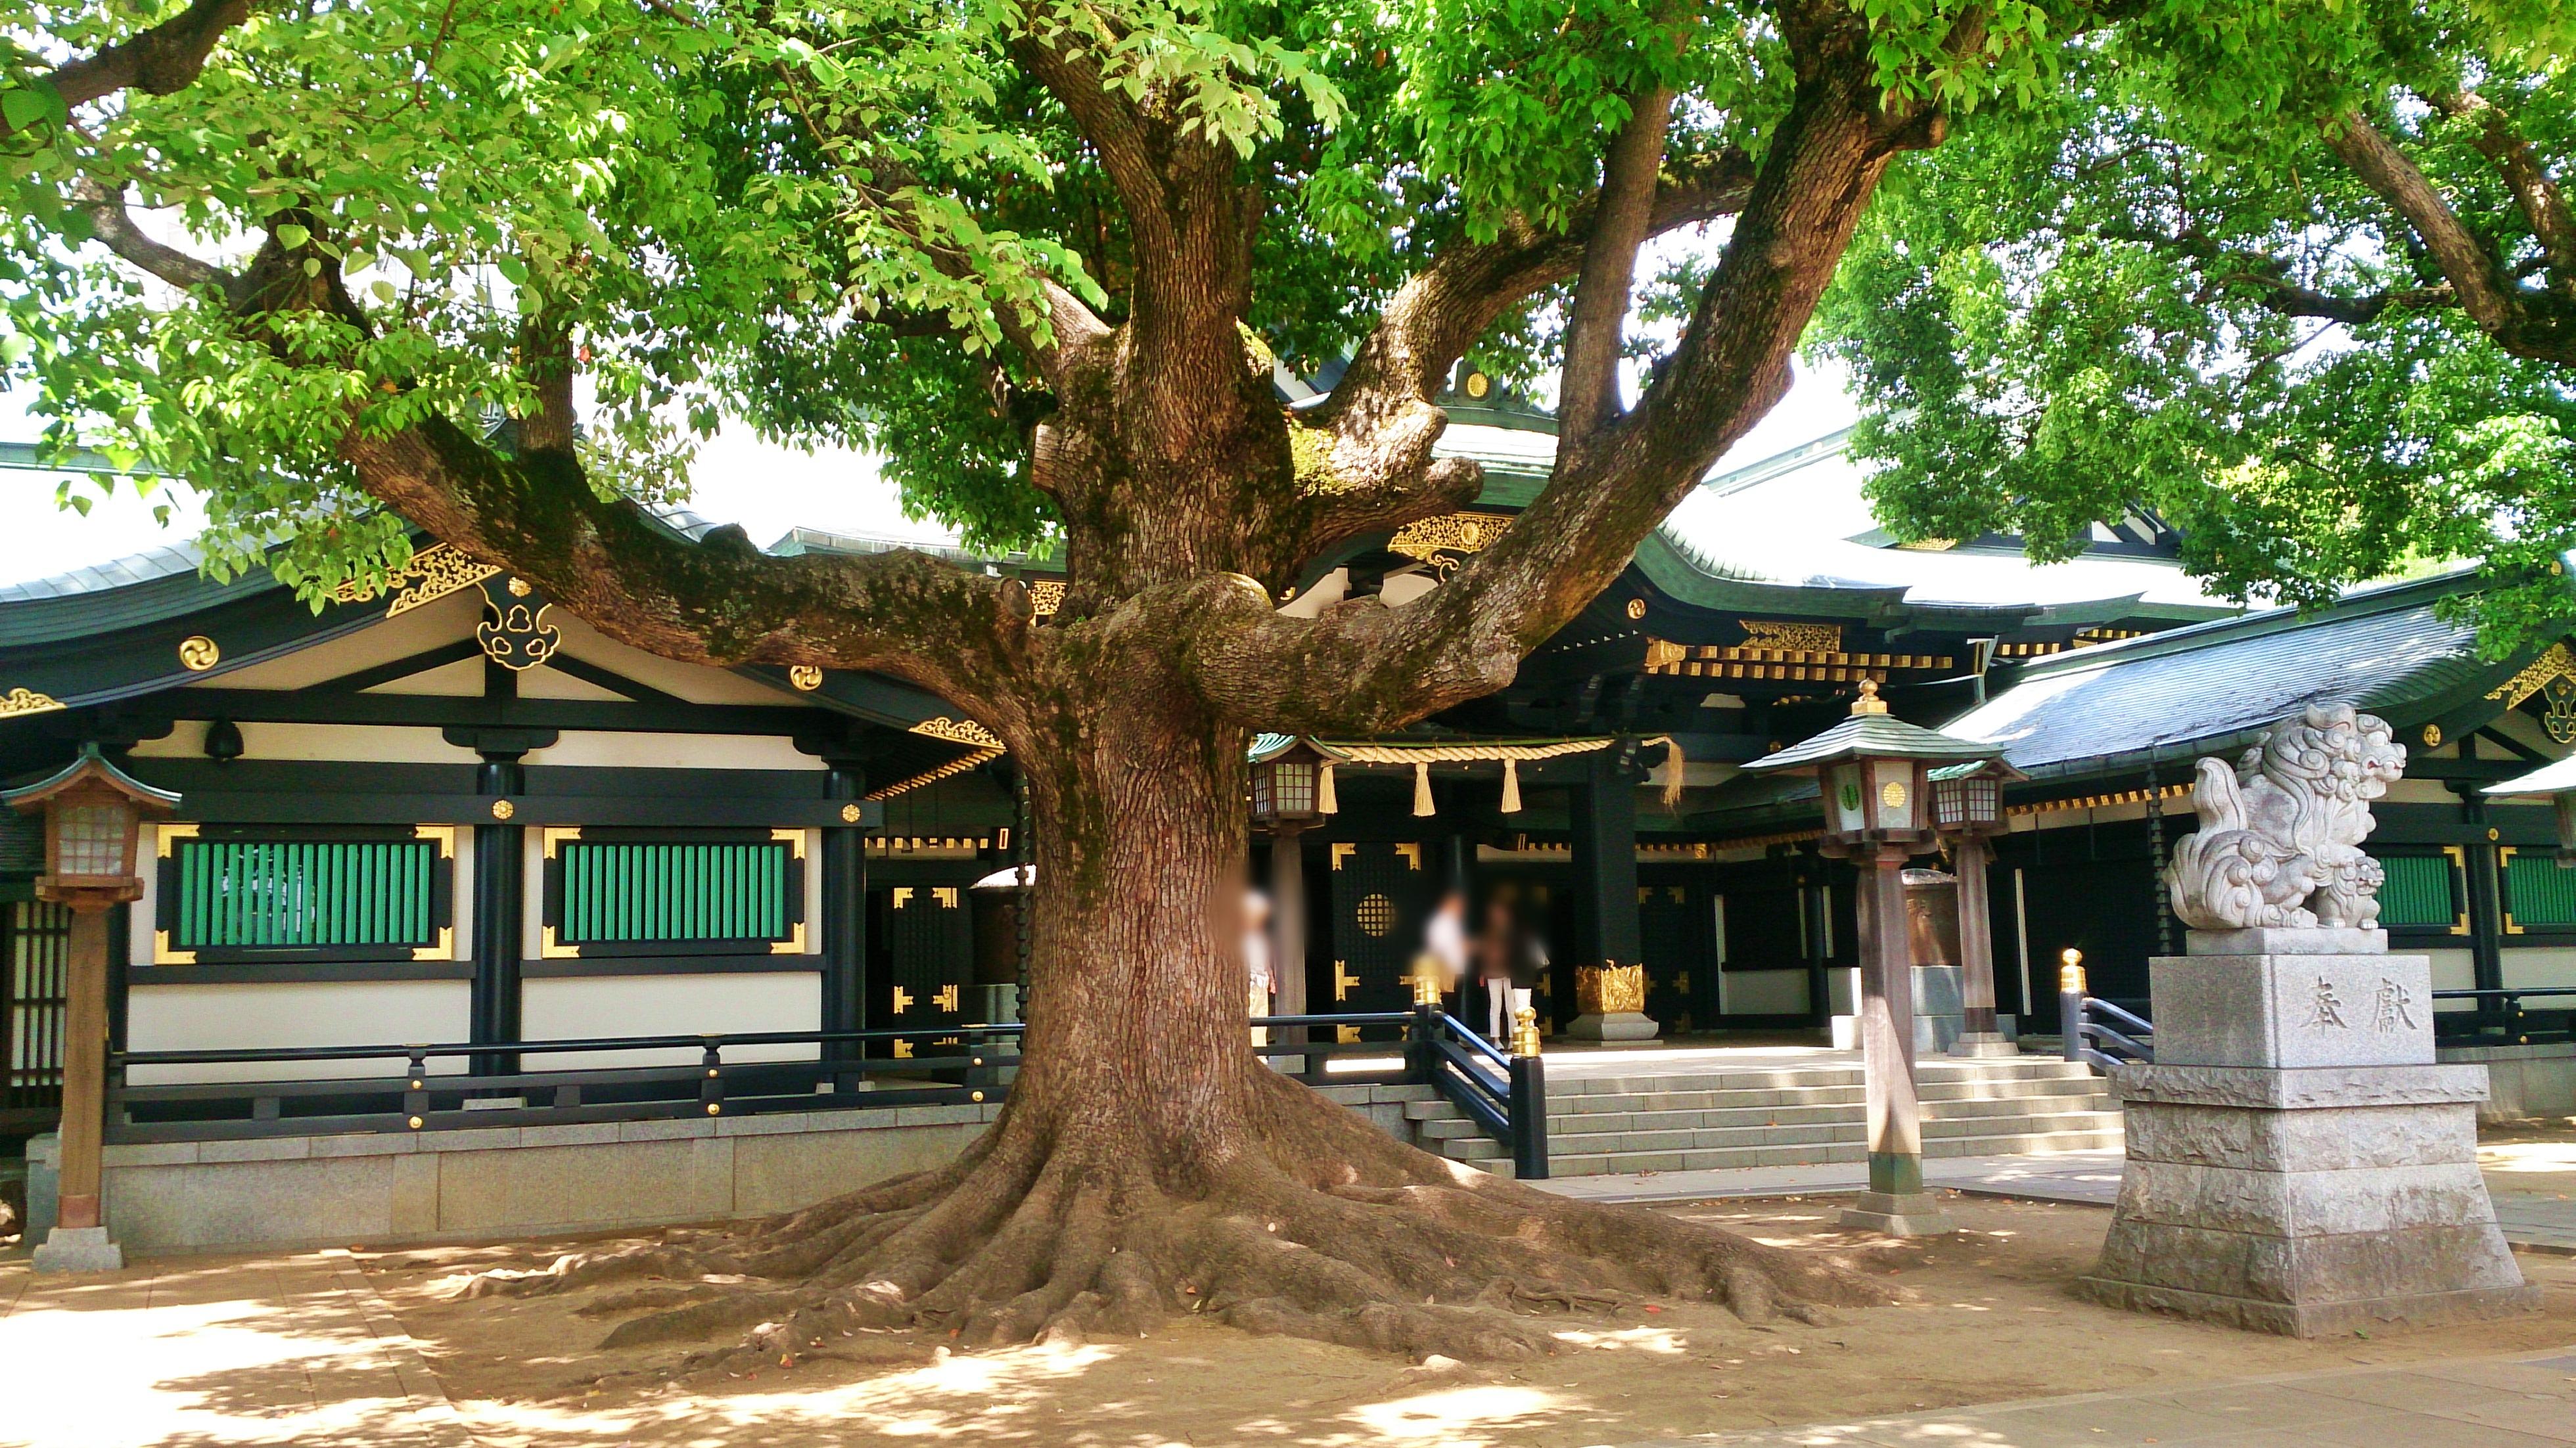 穴八幡宮の金運アップの根上げの木